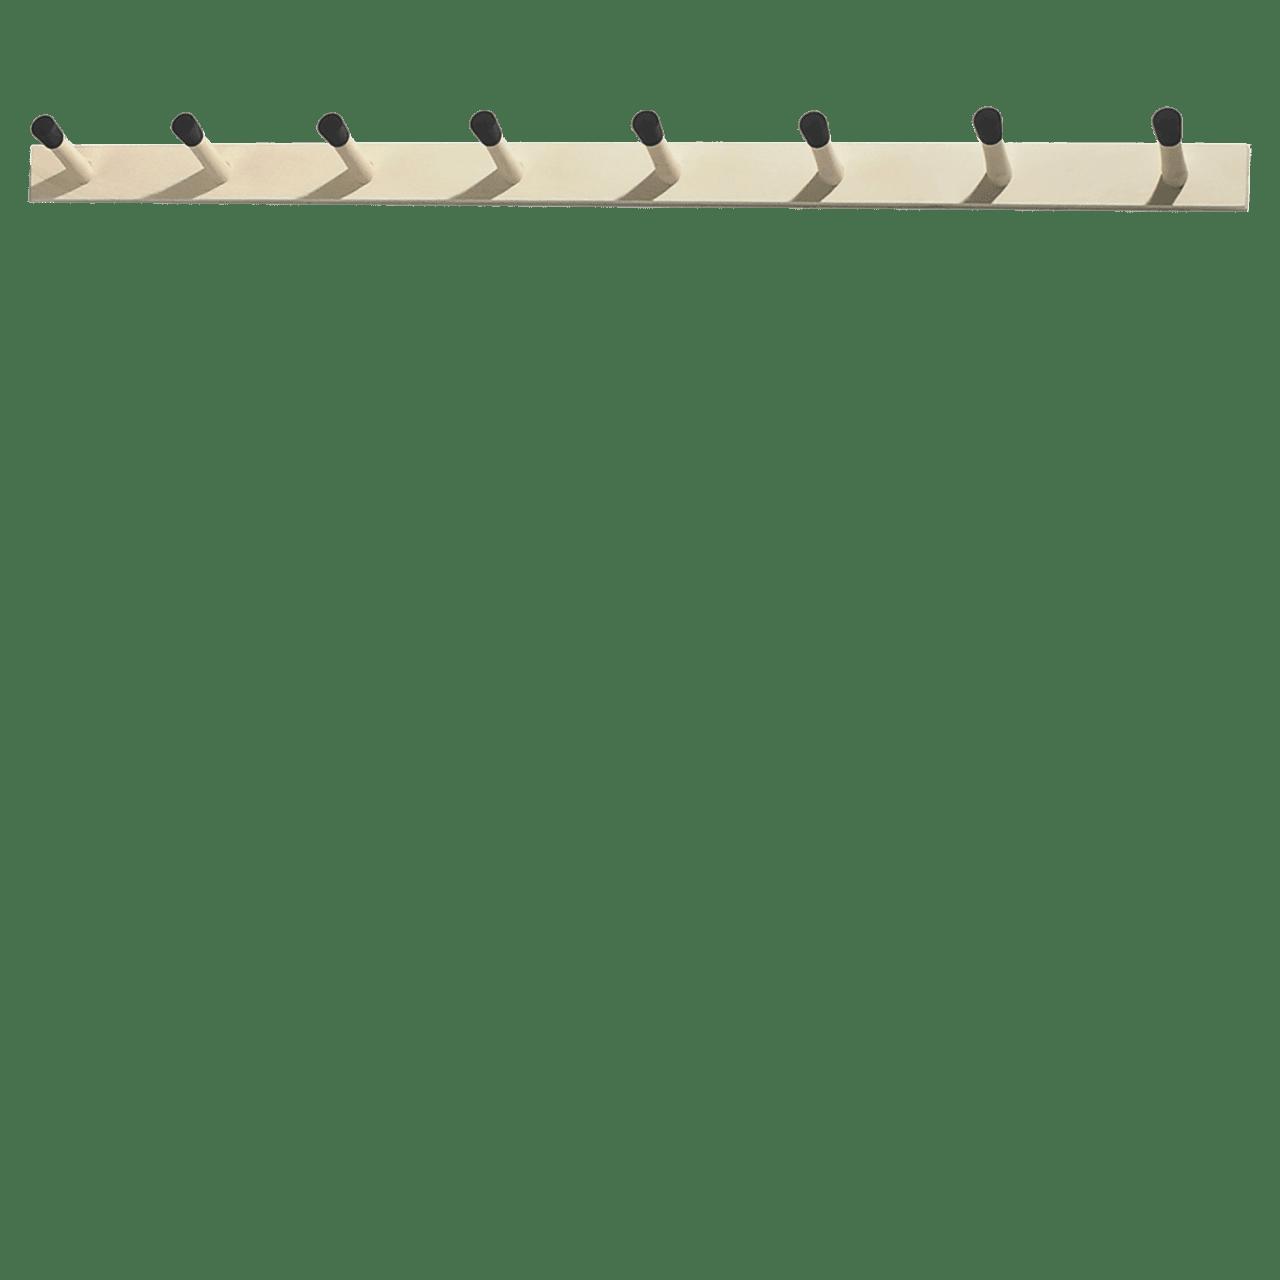 Rechenbeispiel Hakenleiste